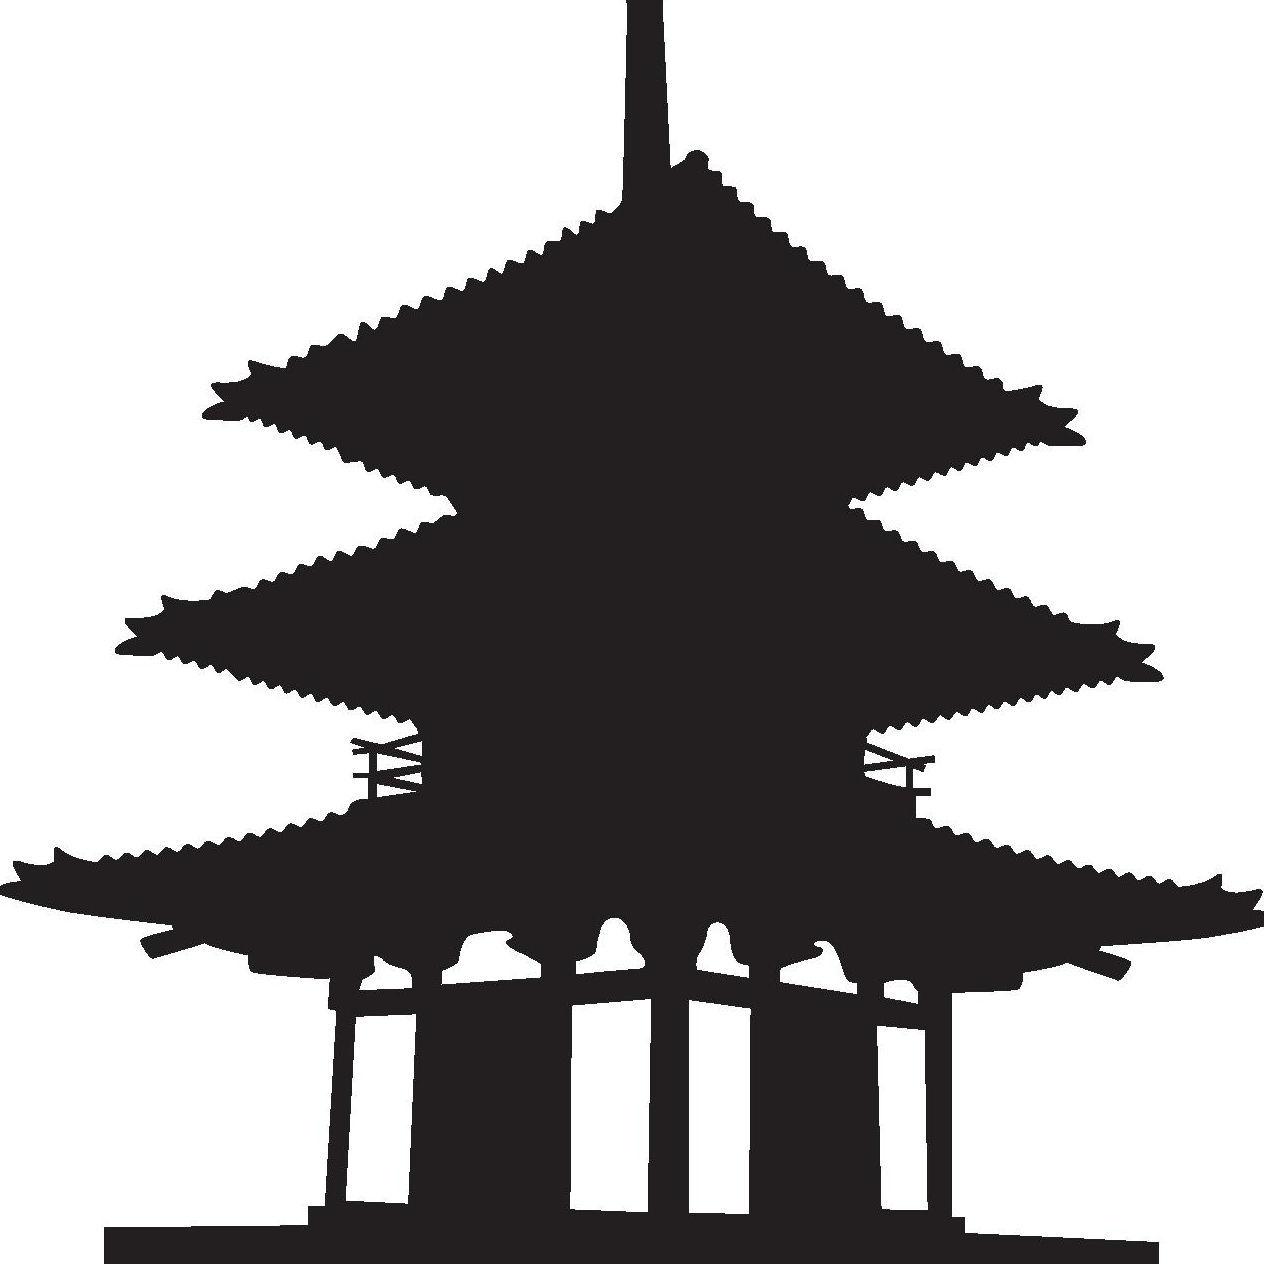 薬師寺の東塔と西塔の形が違うのには理由があった